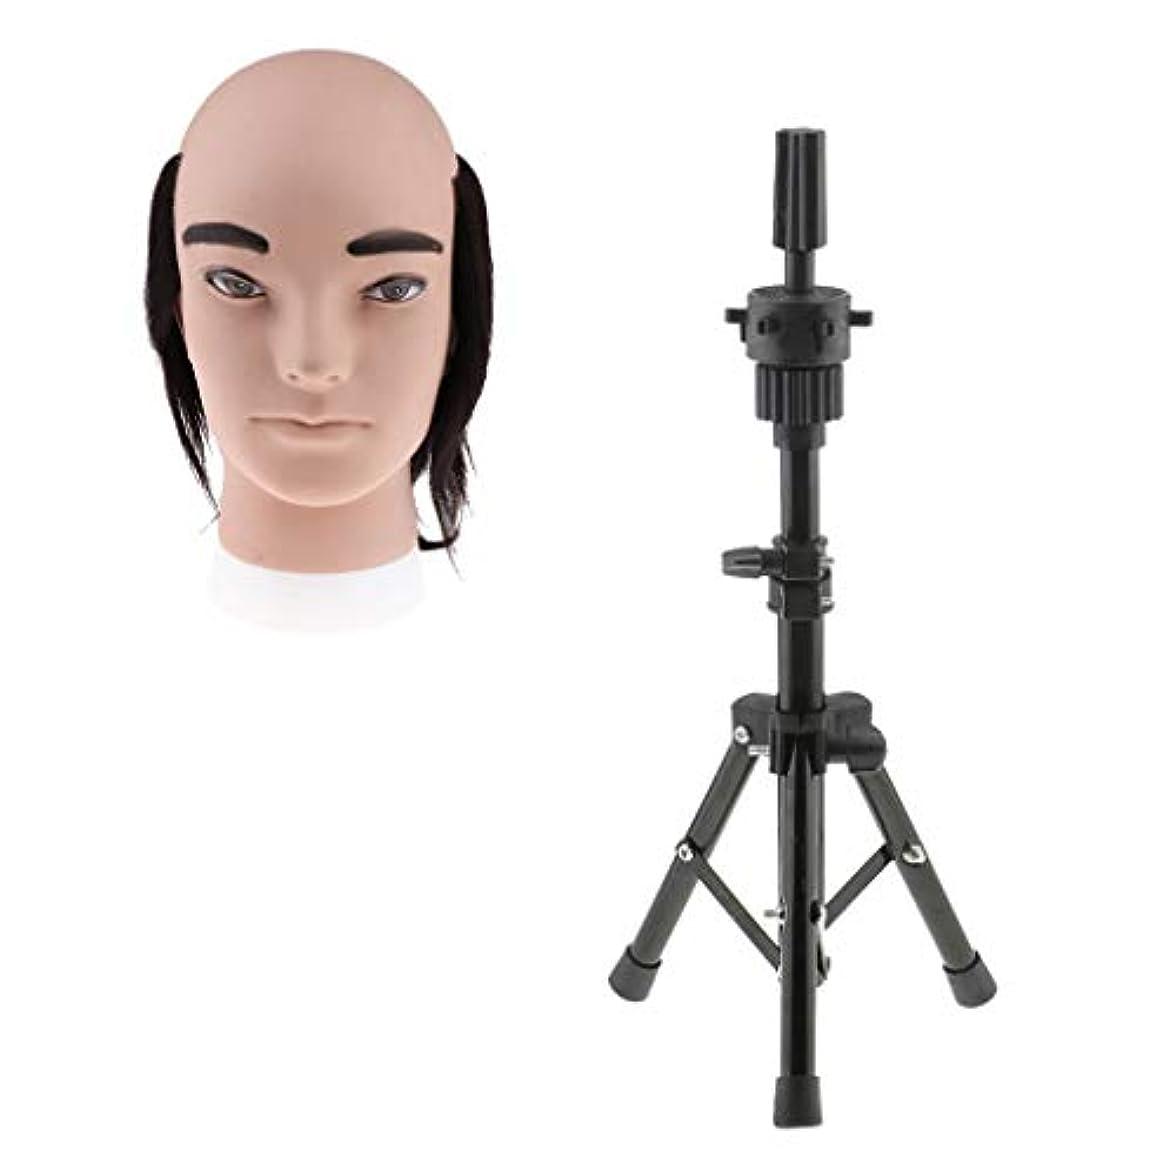 果てしない剪断シャンプーT TOOYFUL ヘアプラクティスヘッド 男性 ヘアスタイリングヘッド メイク道具